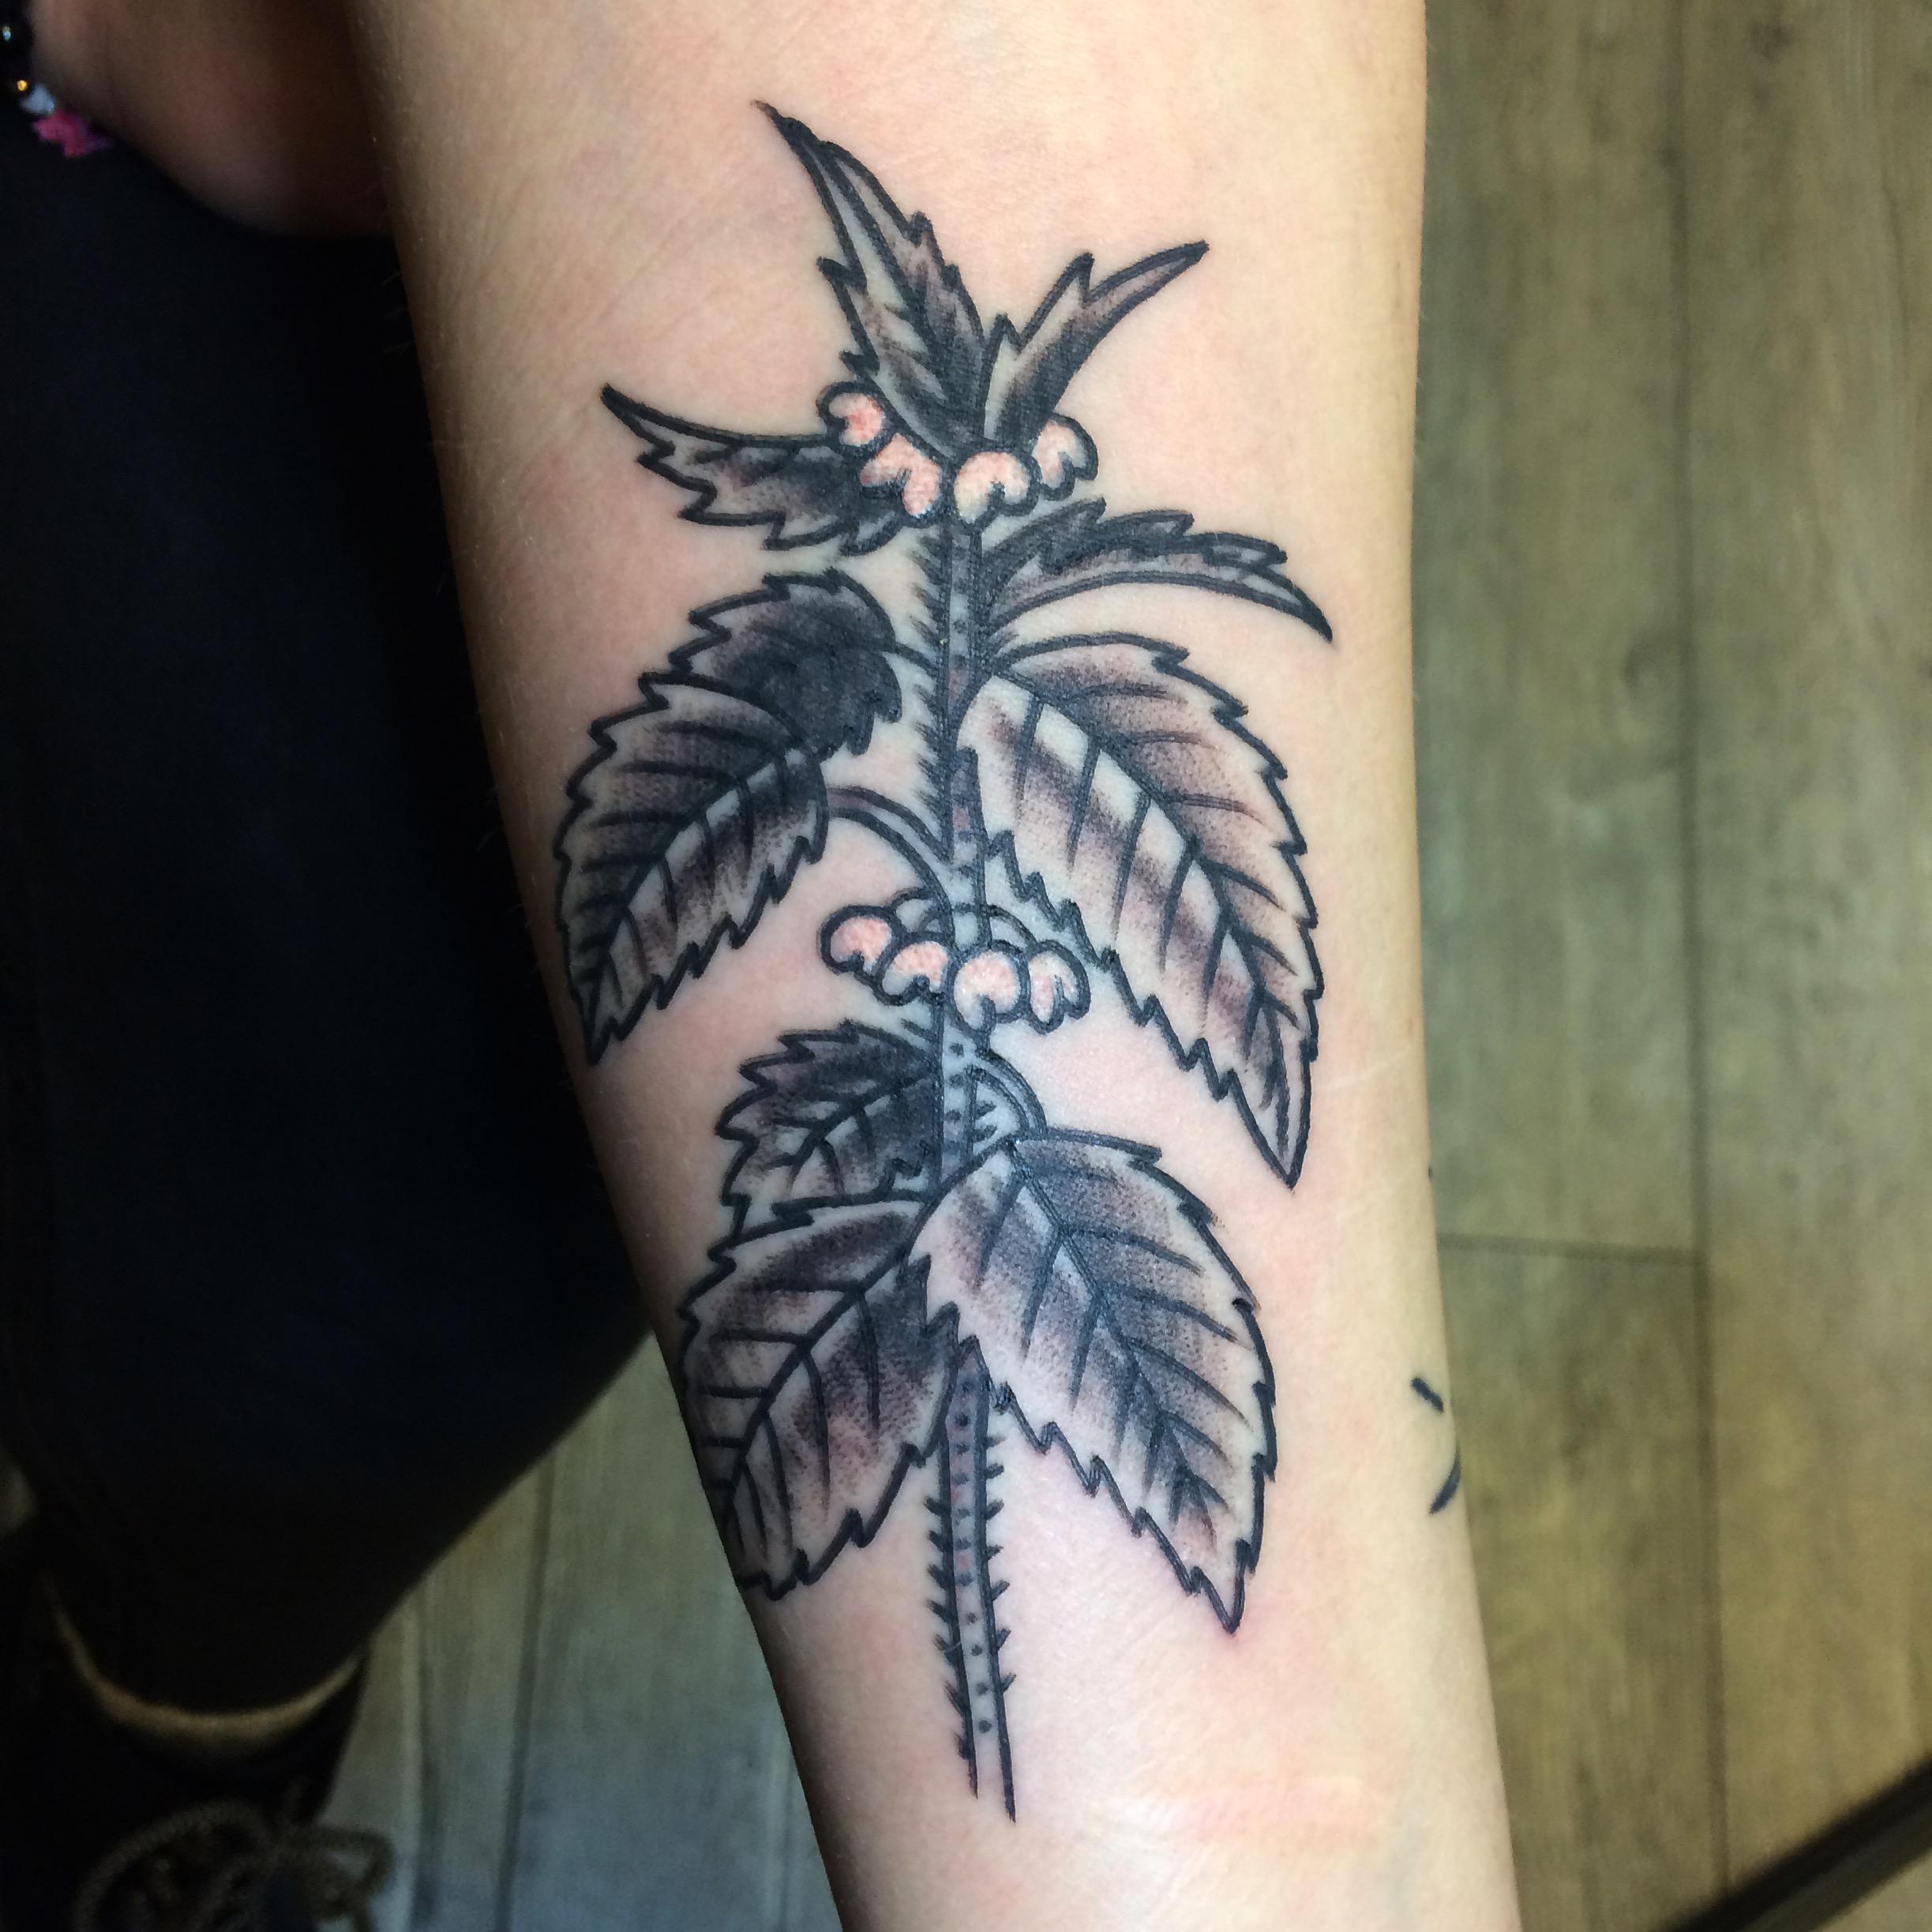 Inksearch tattoo Renton Stelmach